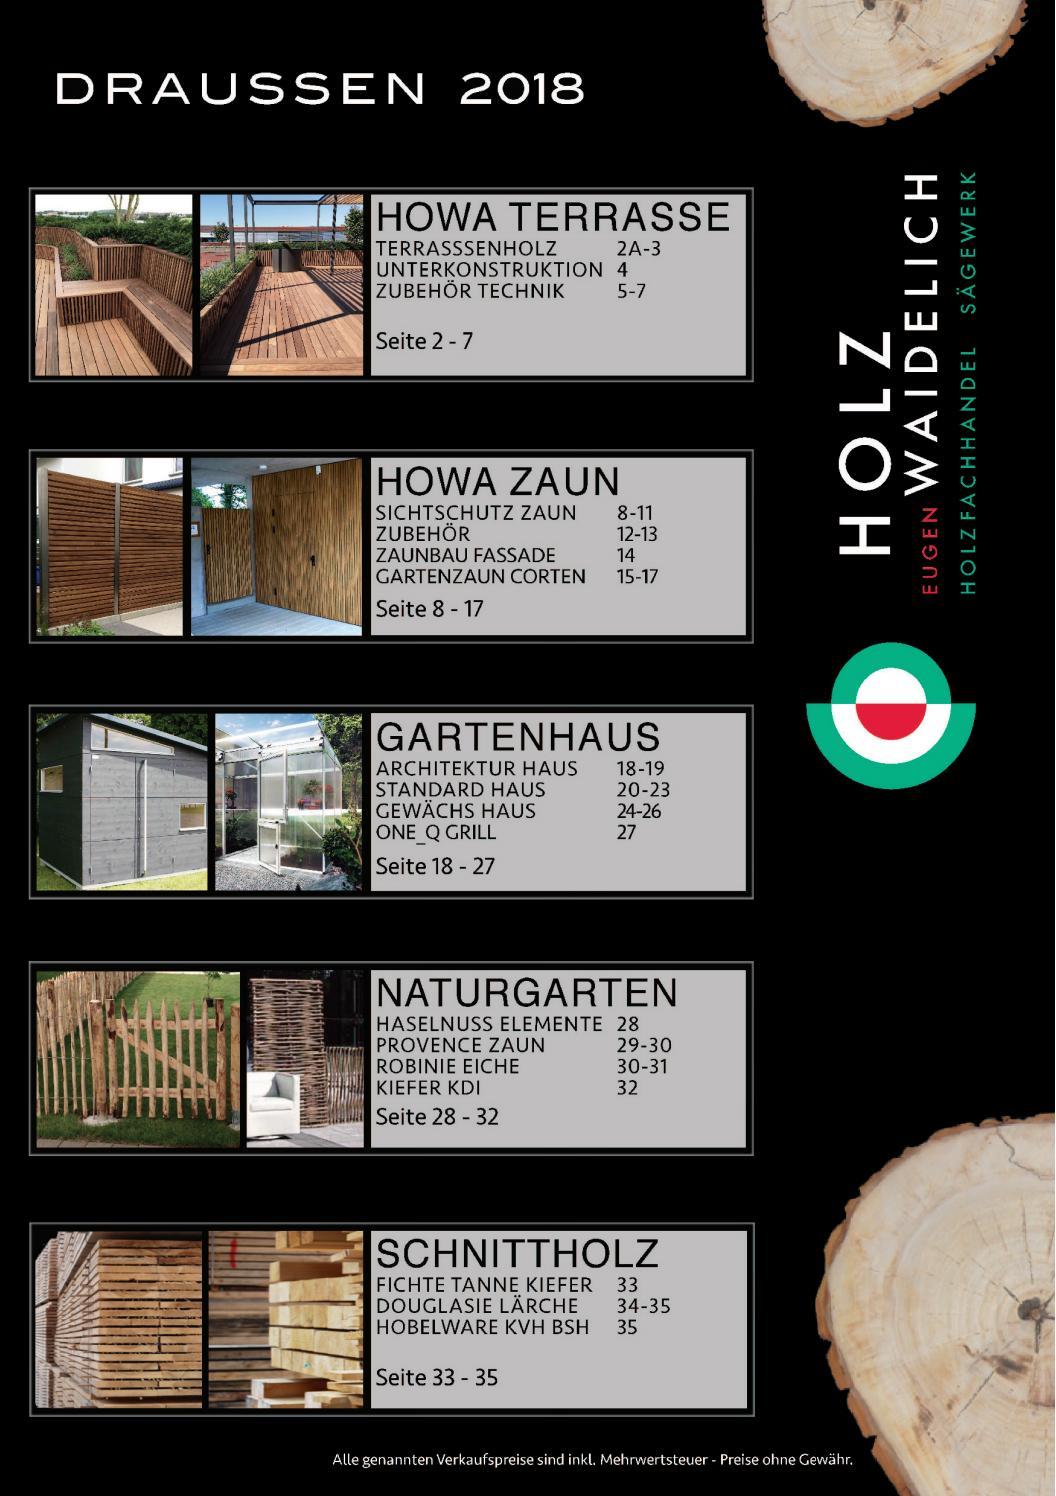 Holz Waidelich Draussen Katalog 2018 By Holzboeden Issuu